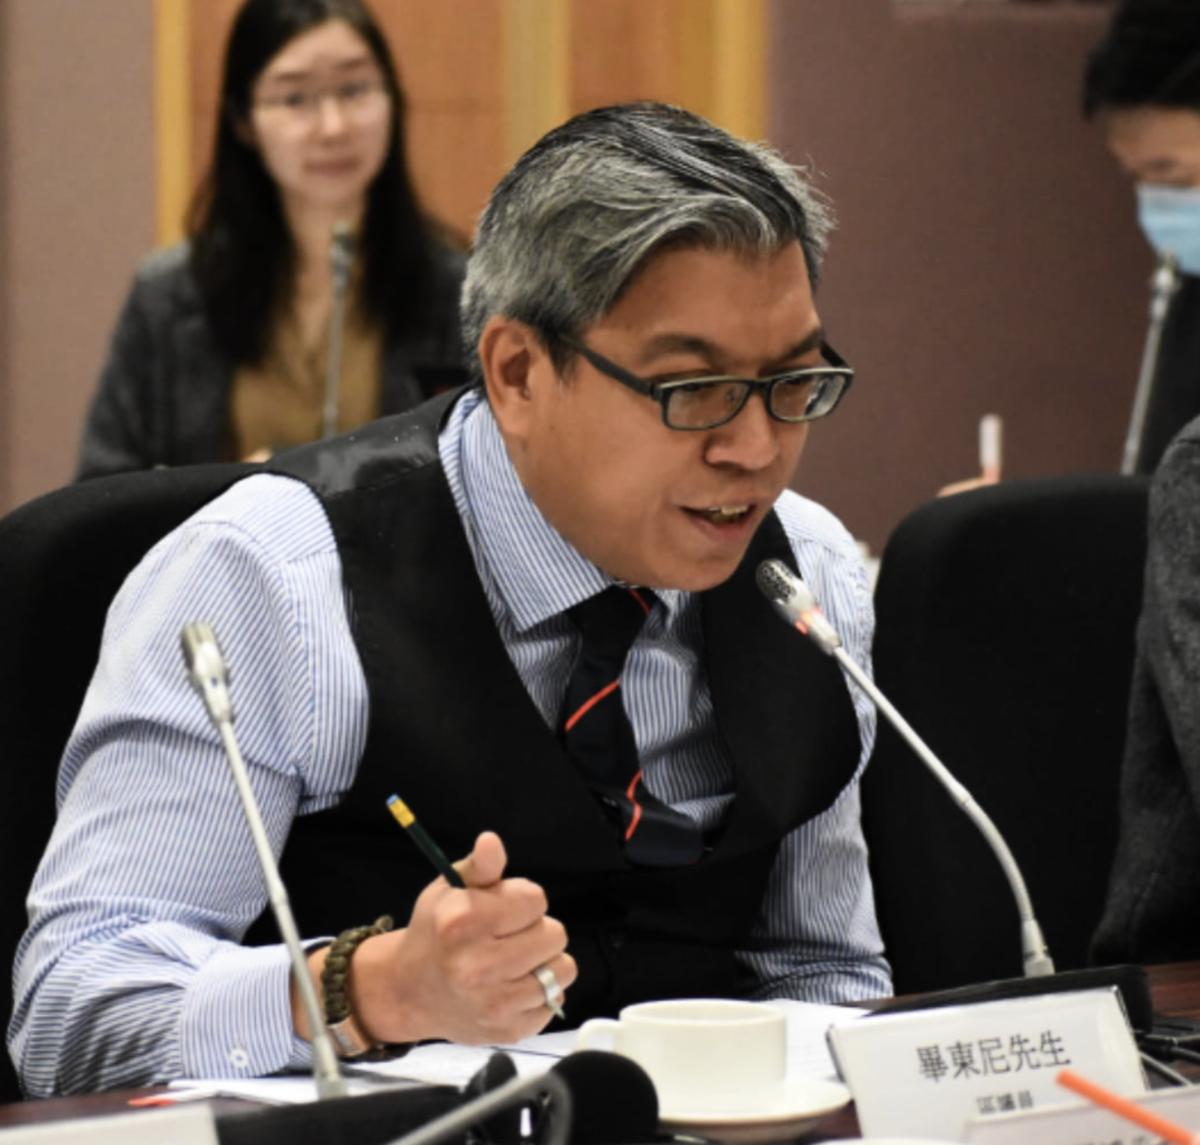 公民黨區議員畢東尼因健康理由請辭,並退出香港政壇。(畢東尼區議員辦事處Facebook圖片)